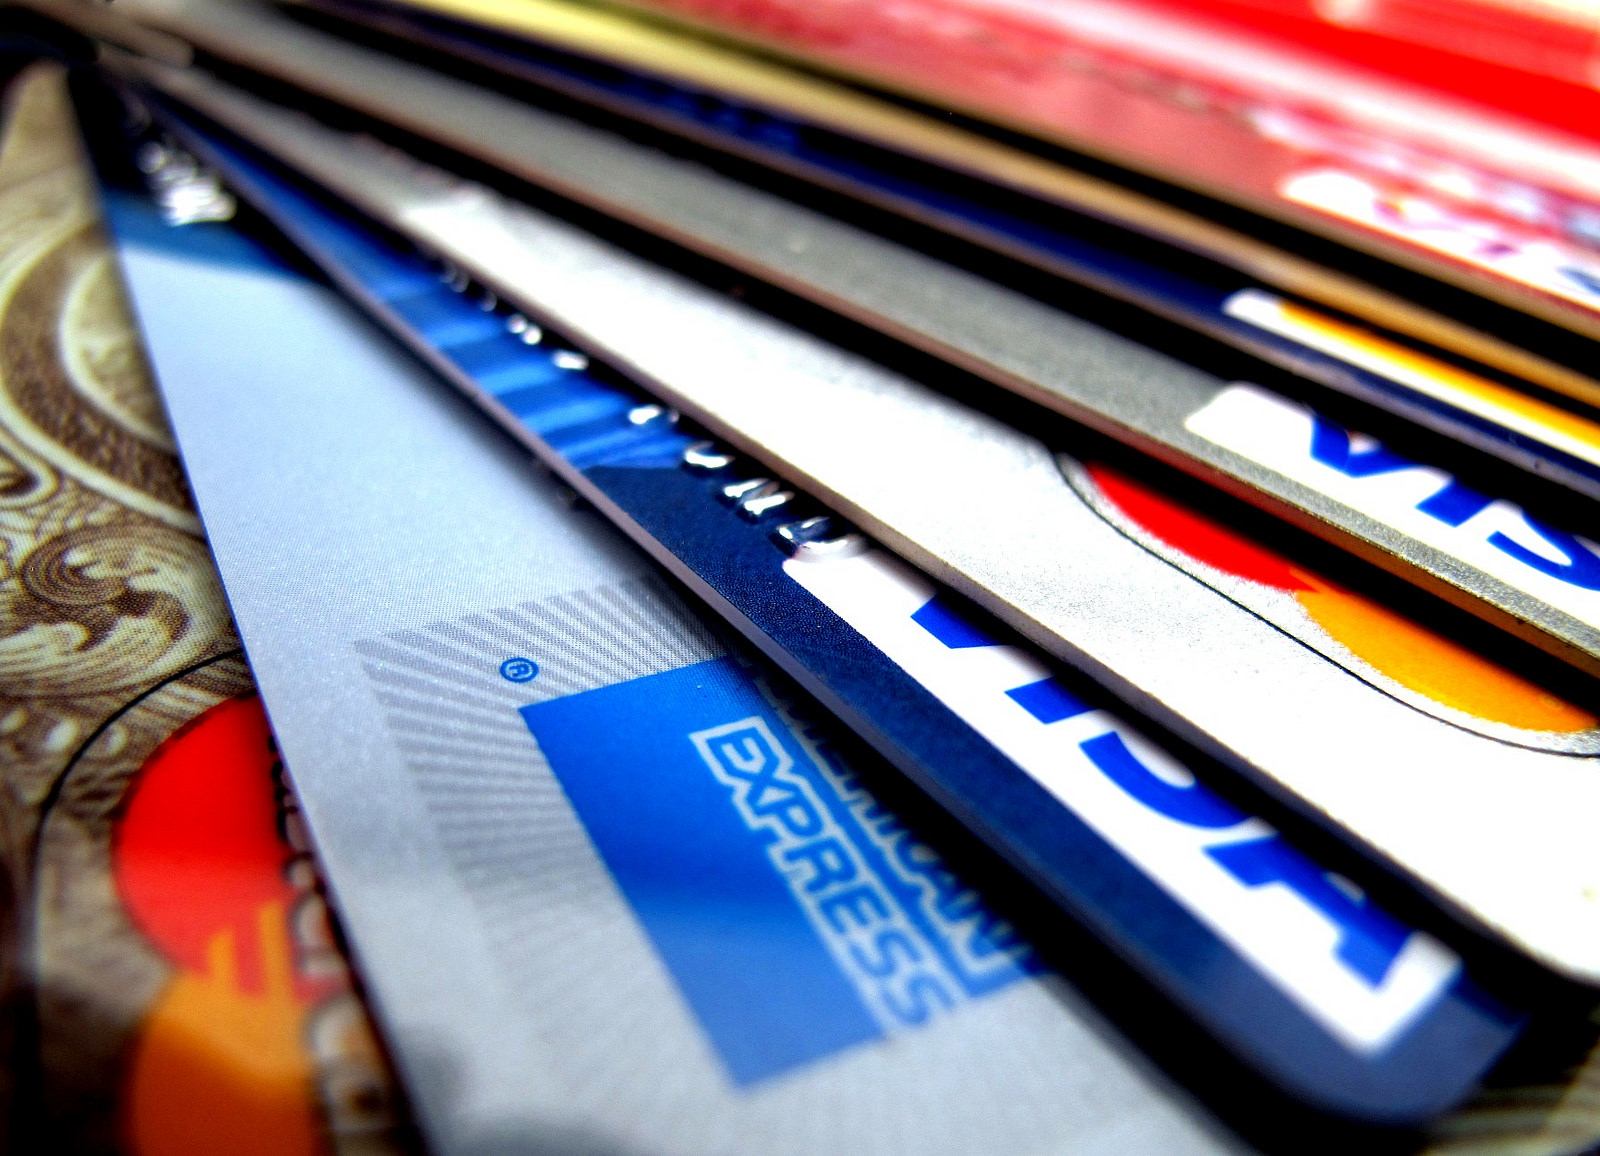 Кредитные карты отлично помещаются в визитницу